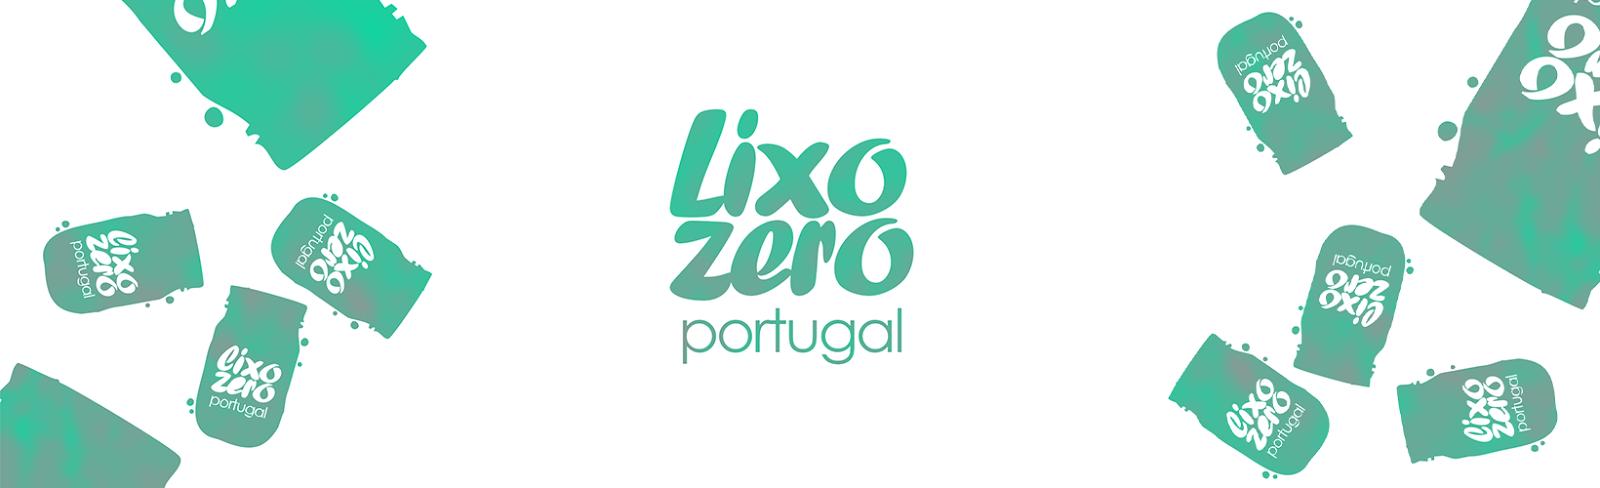 Comunidade Zero Waste Portugal